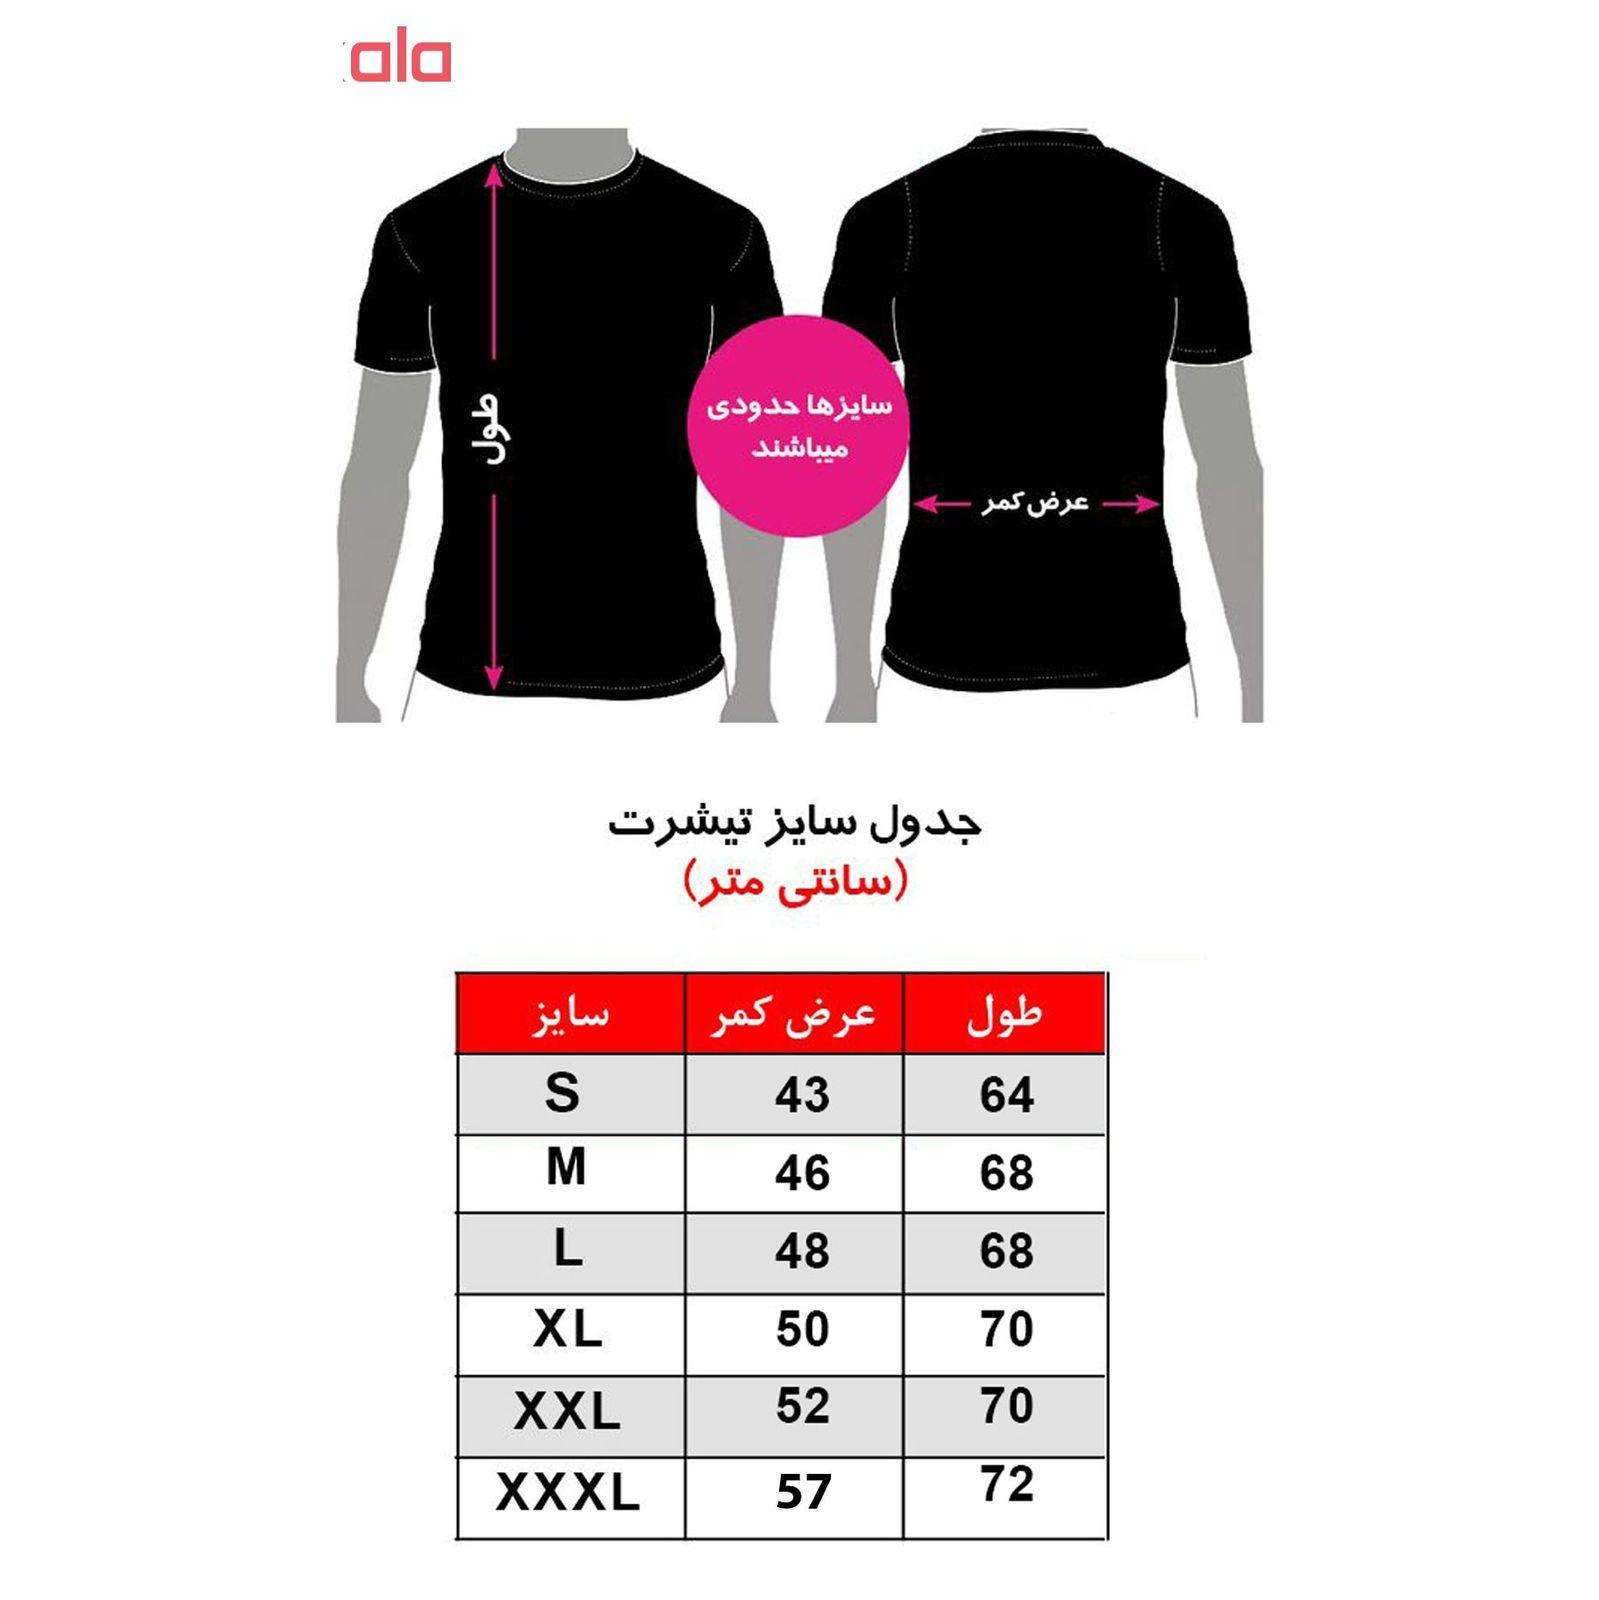 تی شرت مردانه طرح پیکی بلایندرز کد 34336 main 1 2